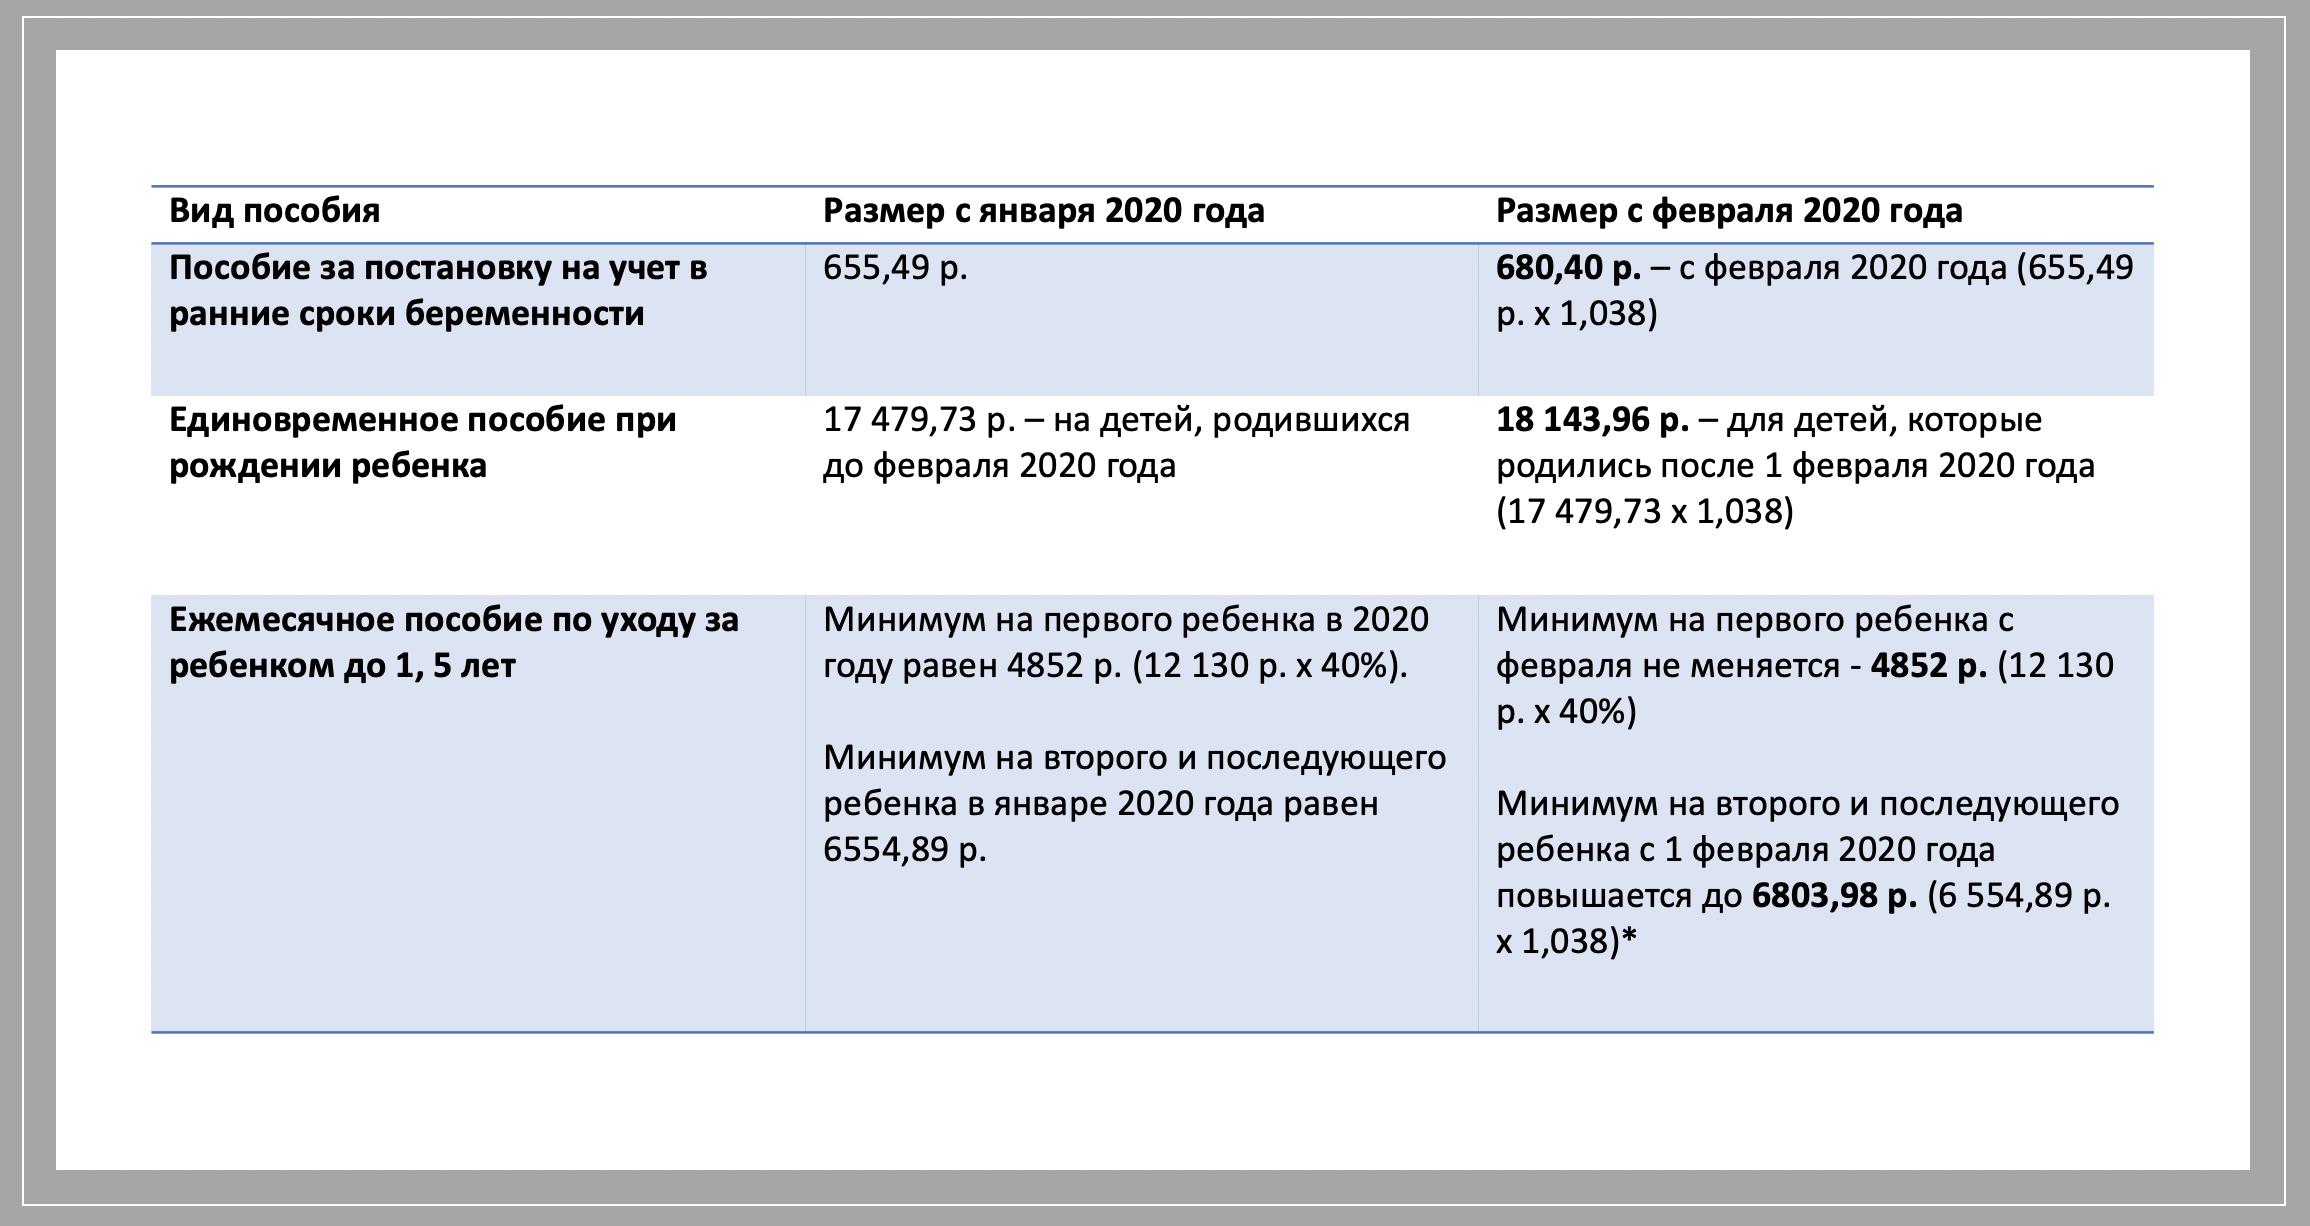 Порядок получения земельного участка для многодетных в регионах рф